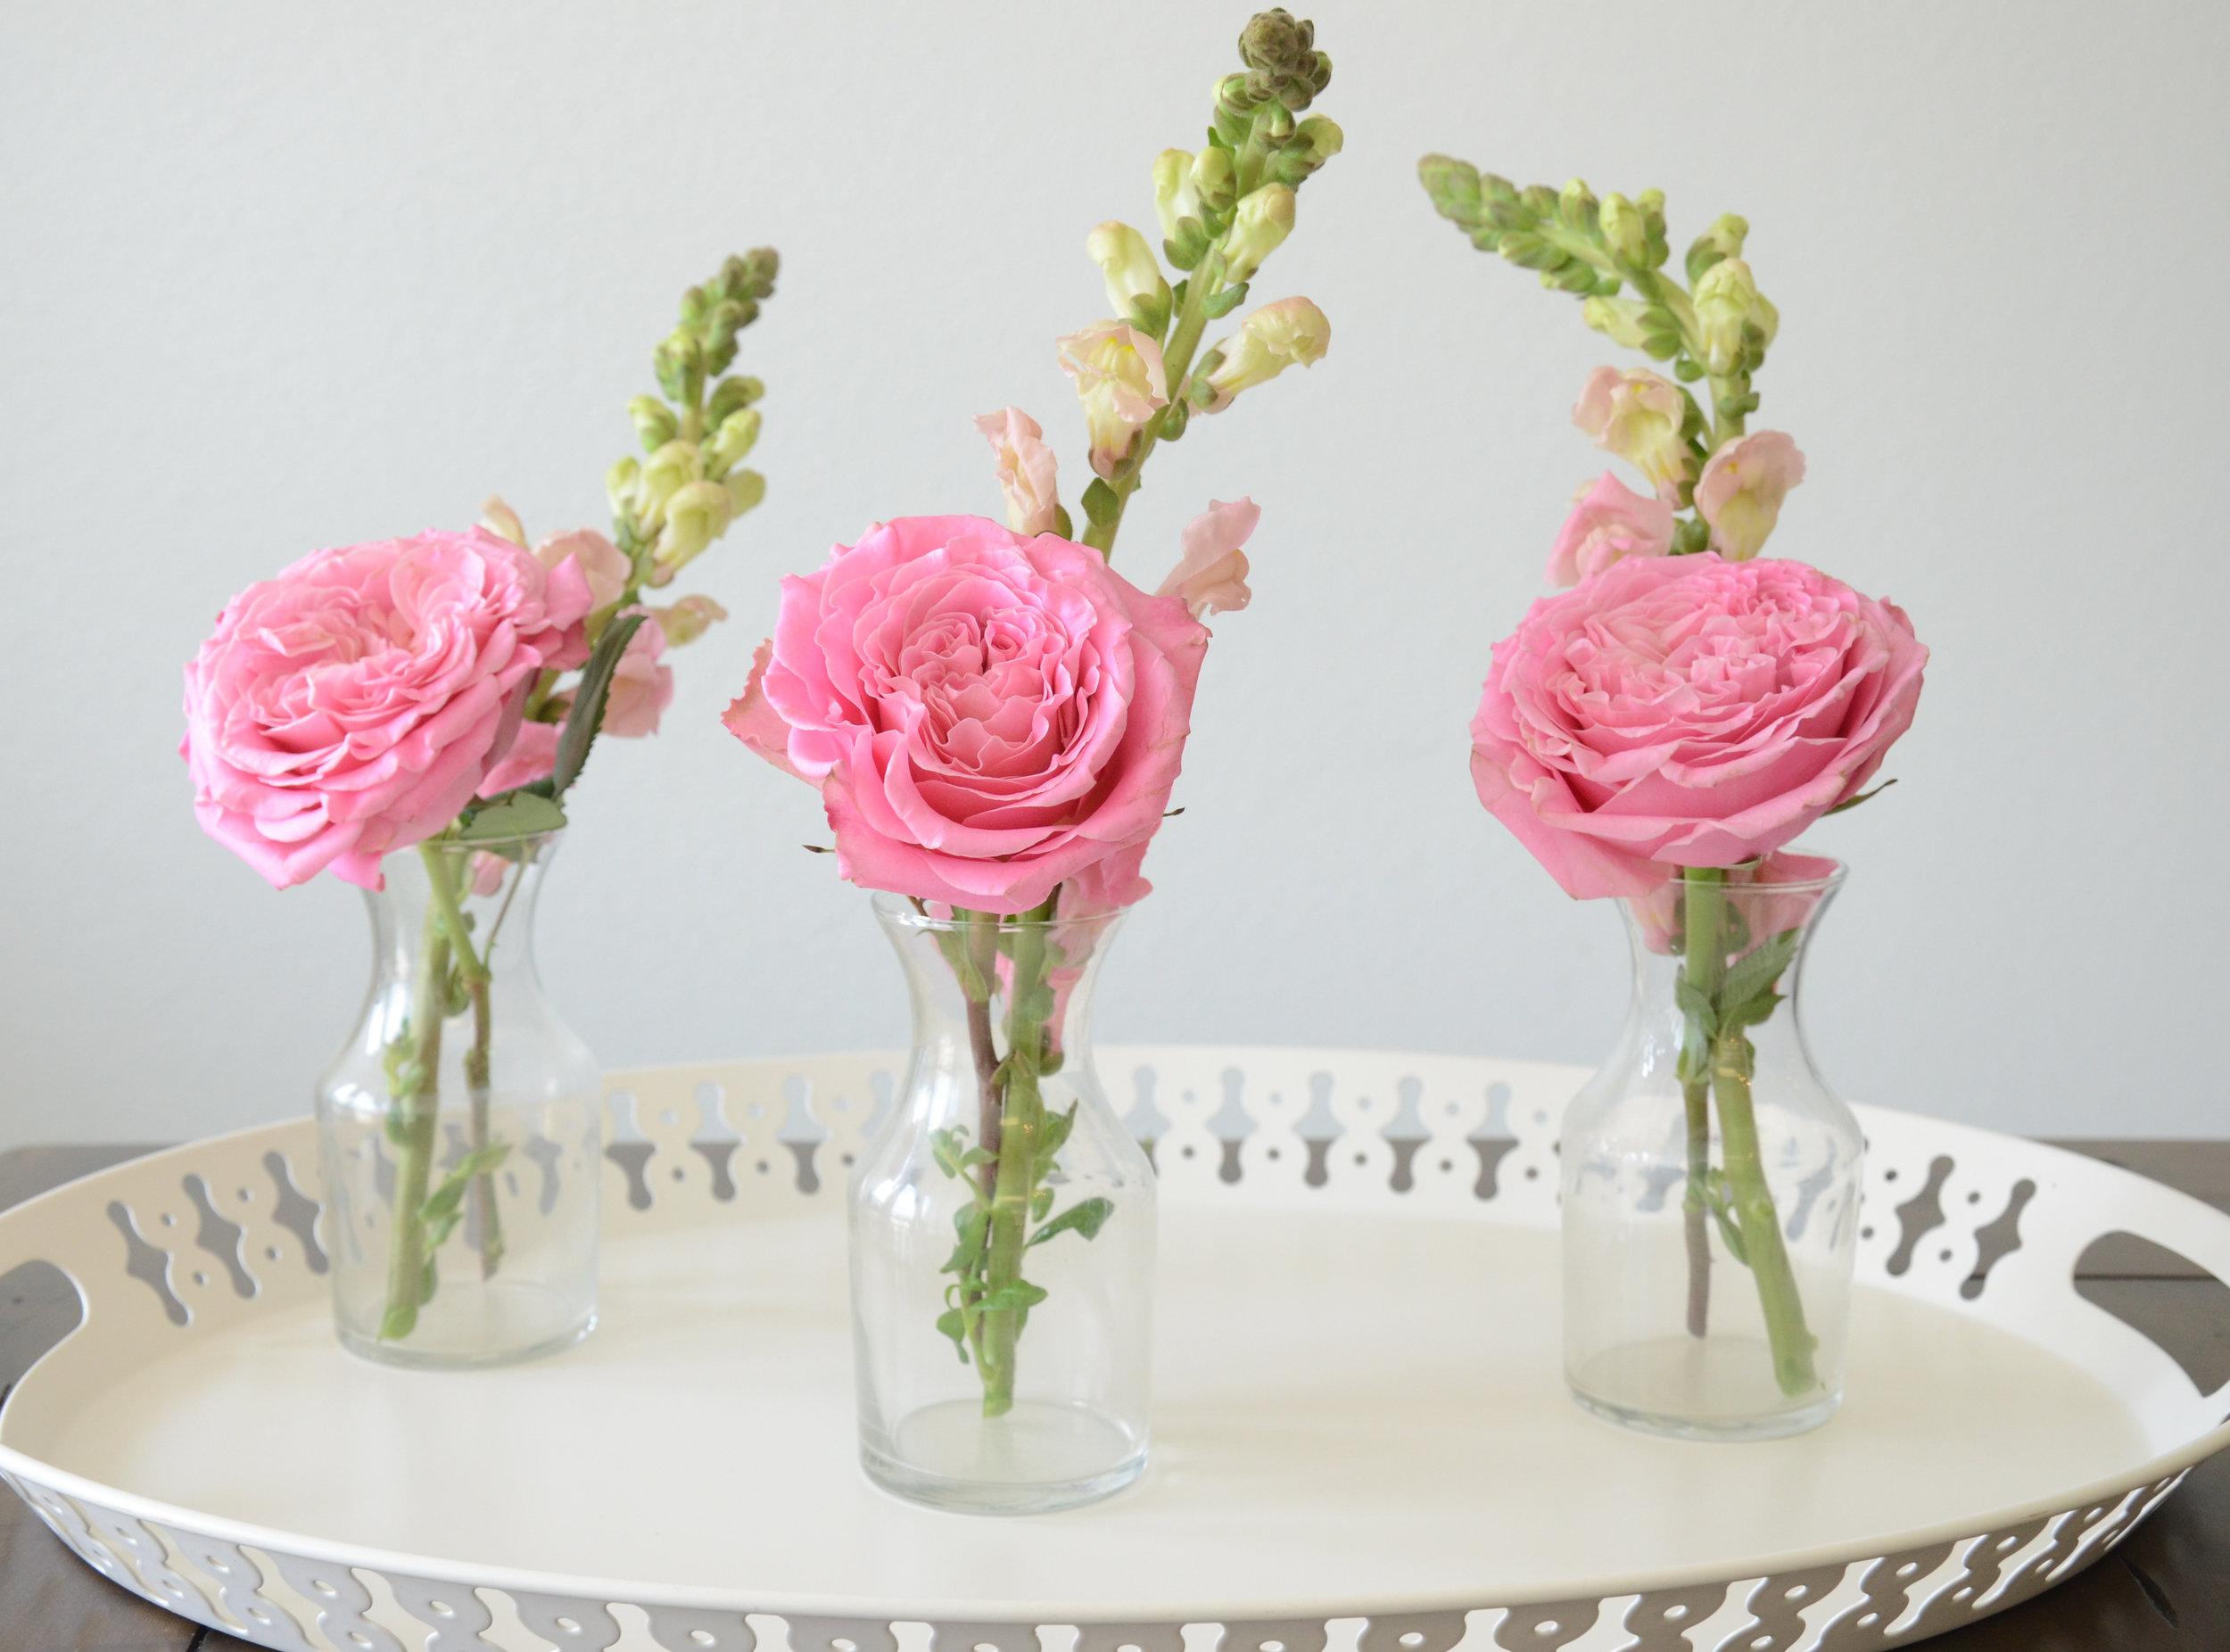 flowers step 2.jpg